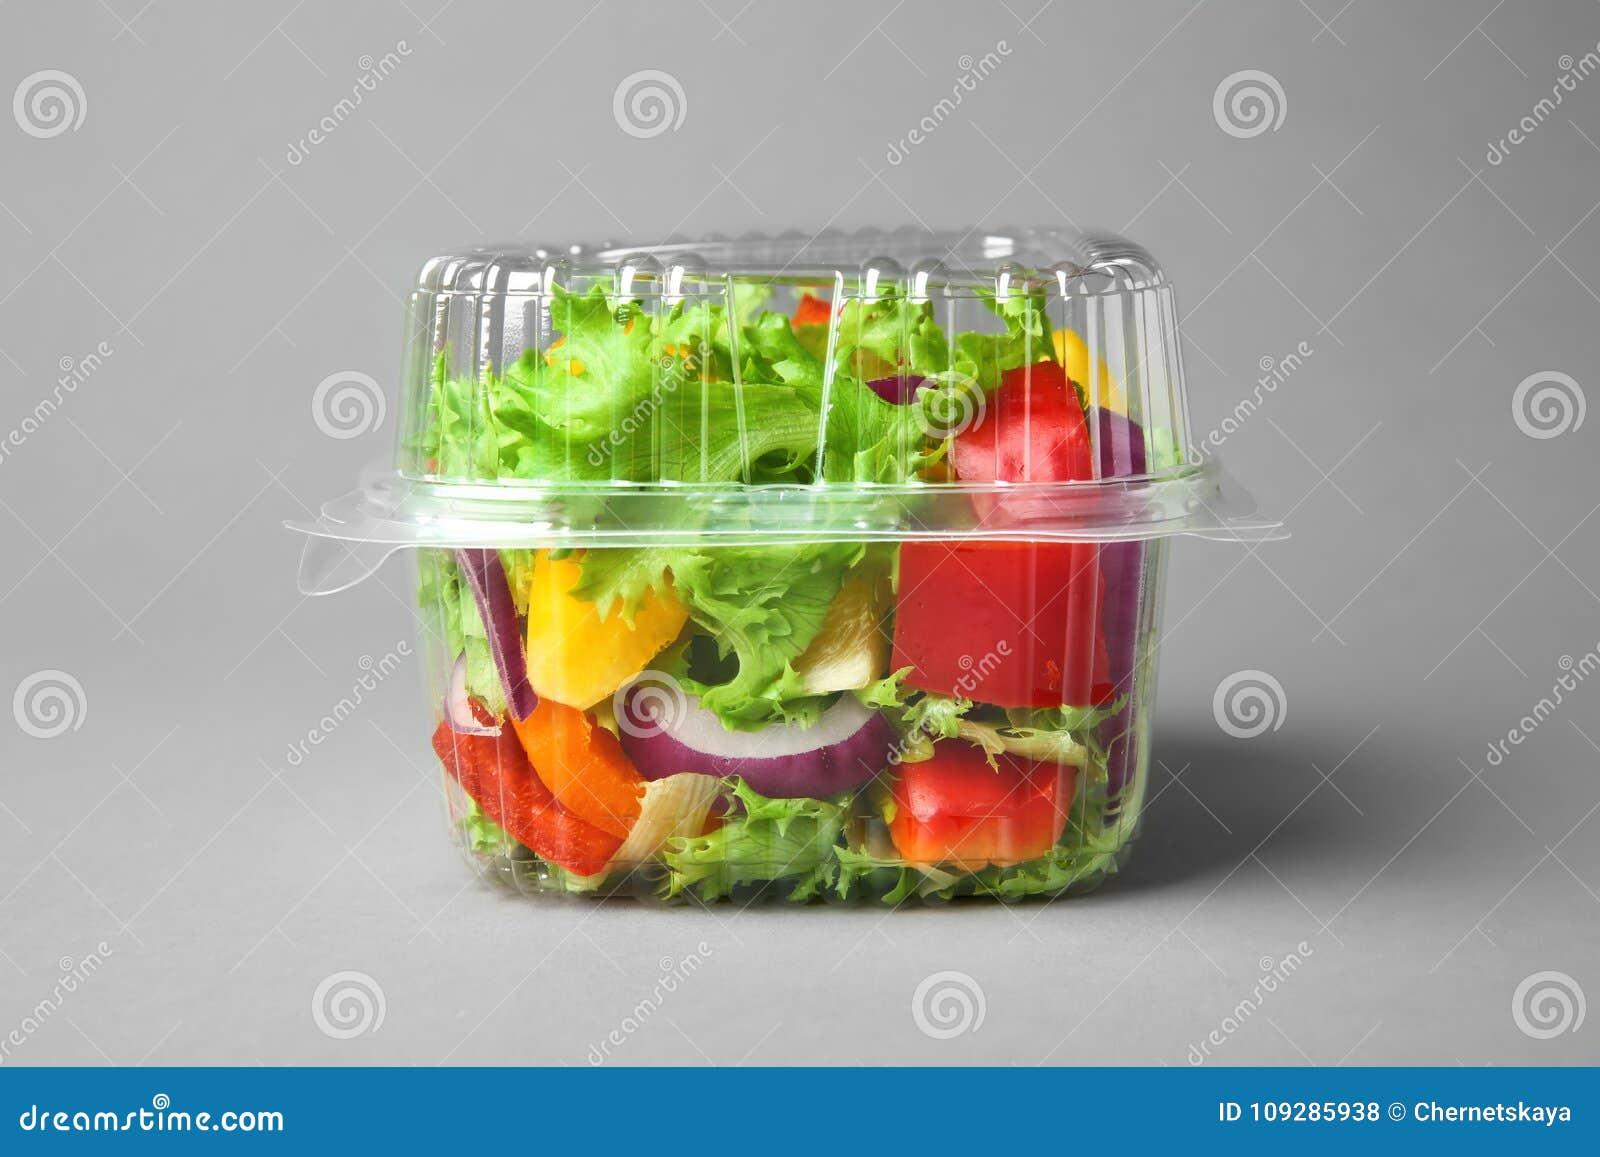 塑胶容器用沙拉